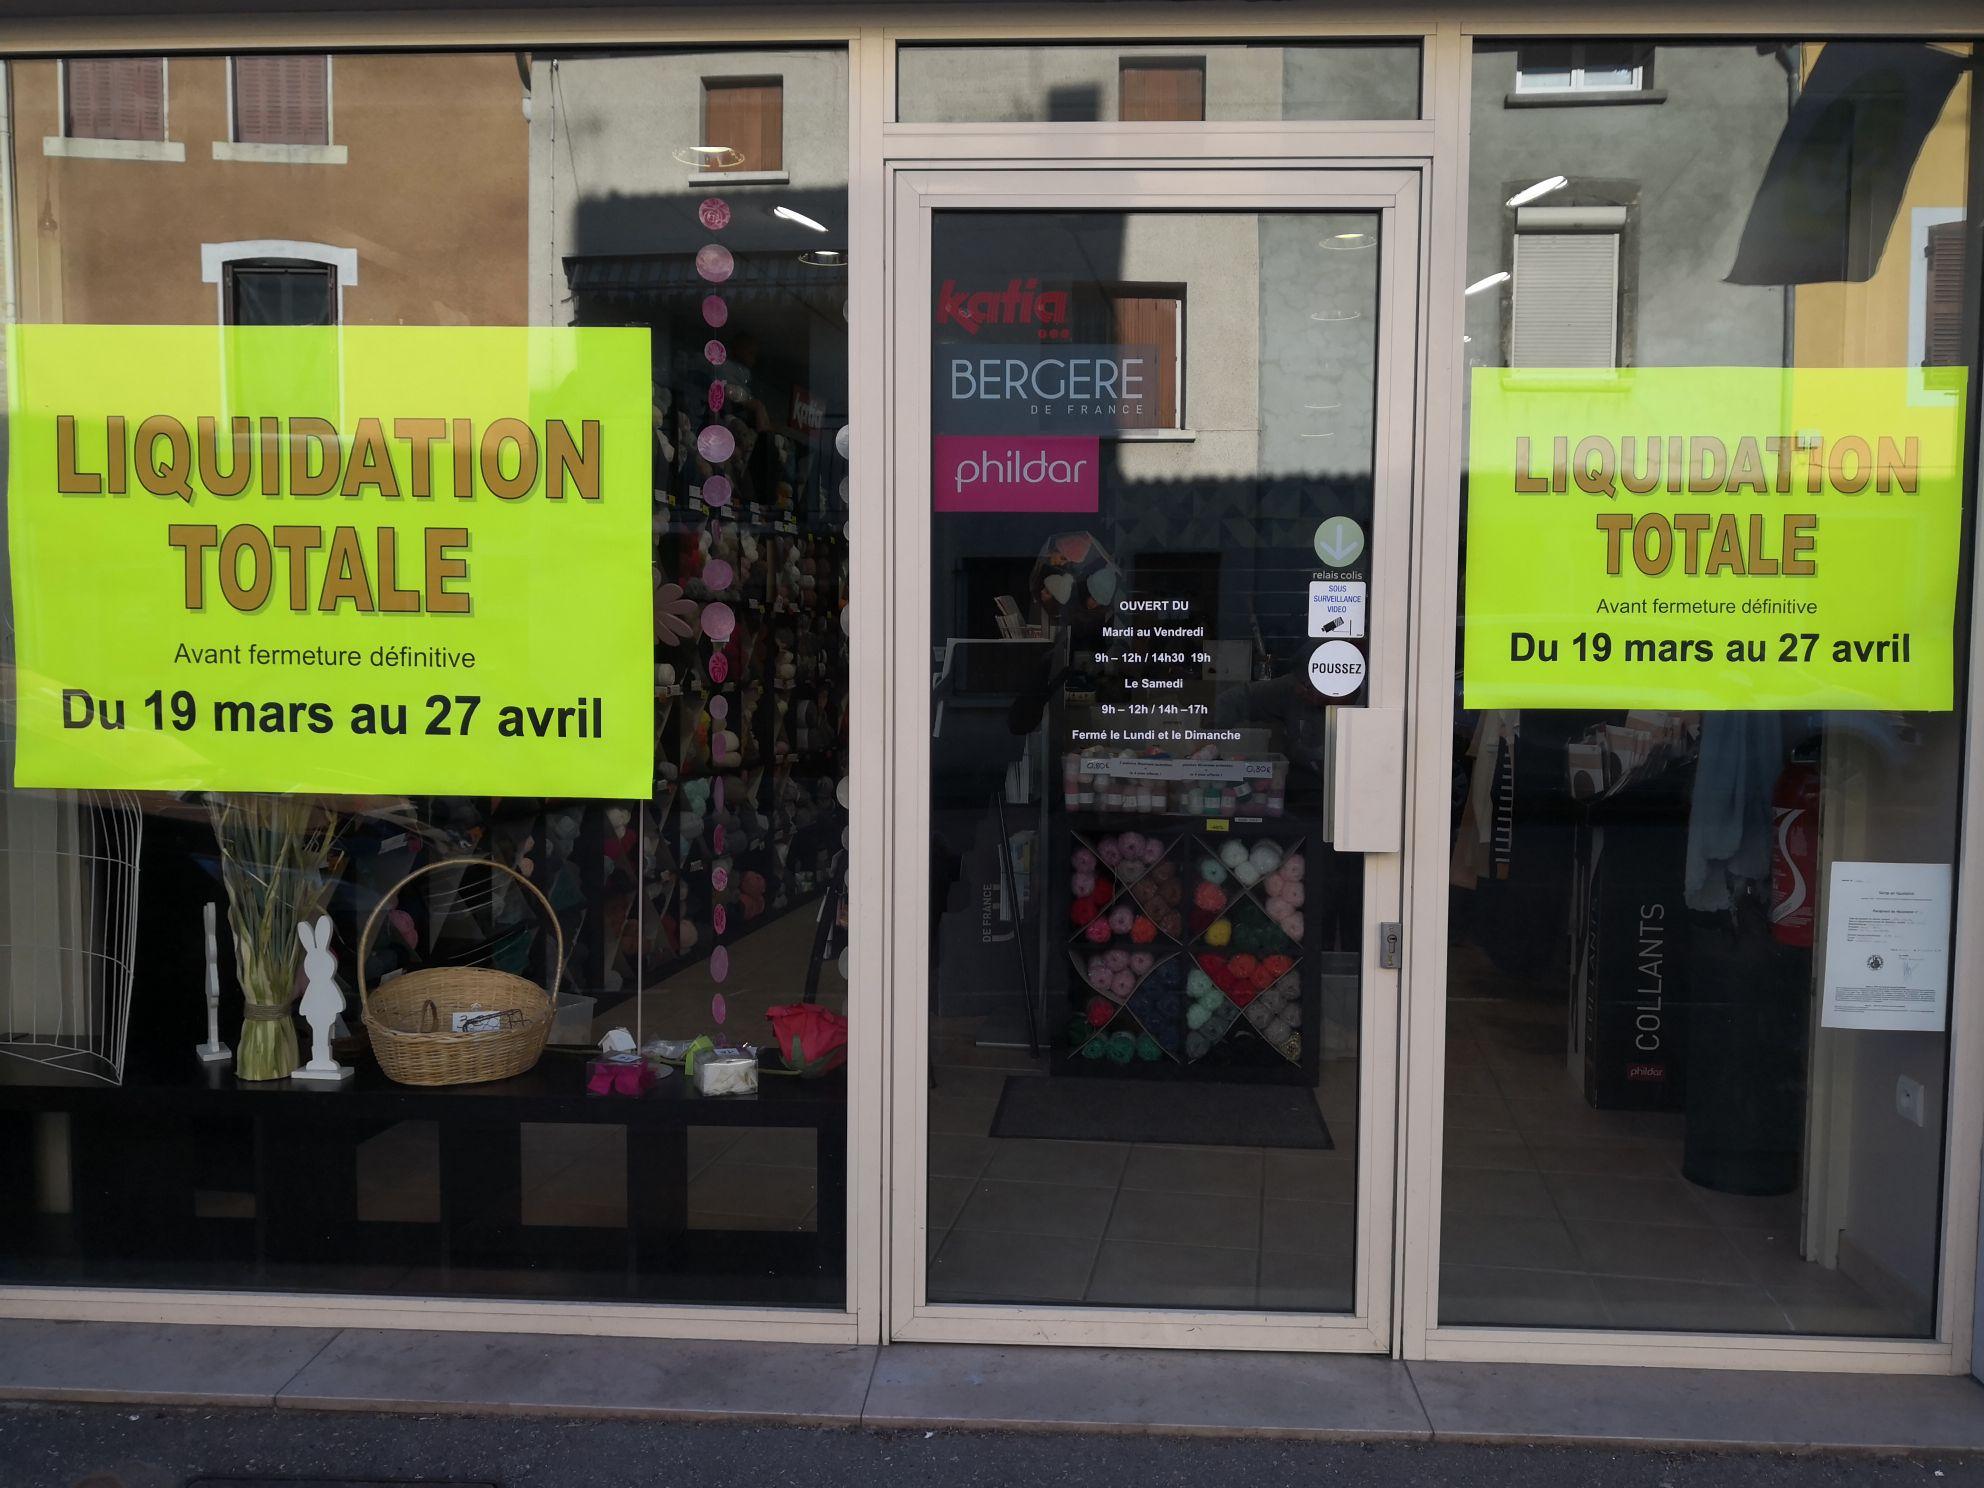 Tous les articles en promotion (liquidation totale avant fermeture) - Rose Laine Lagnieu (01)